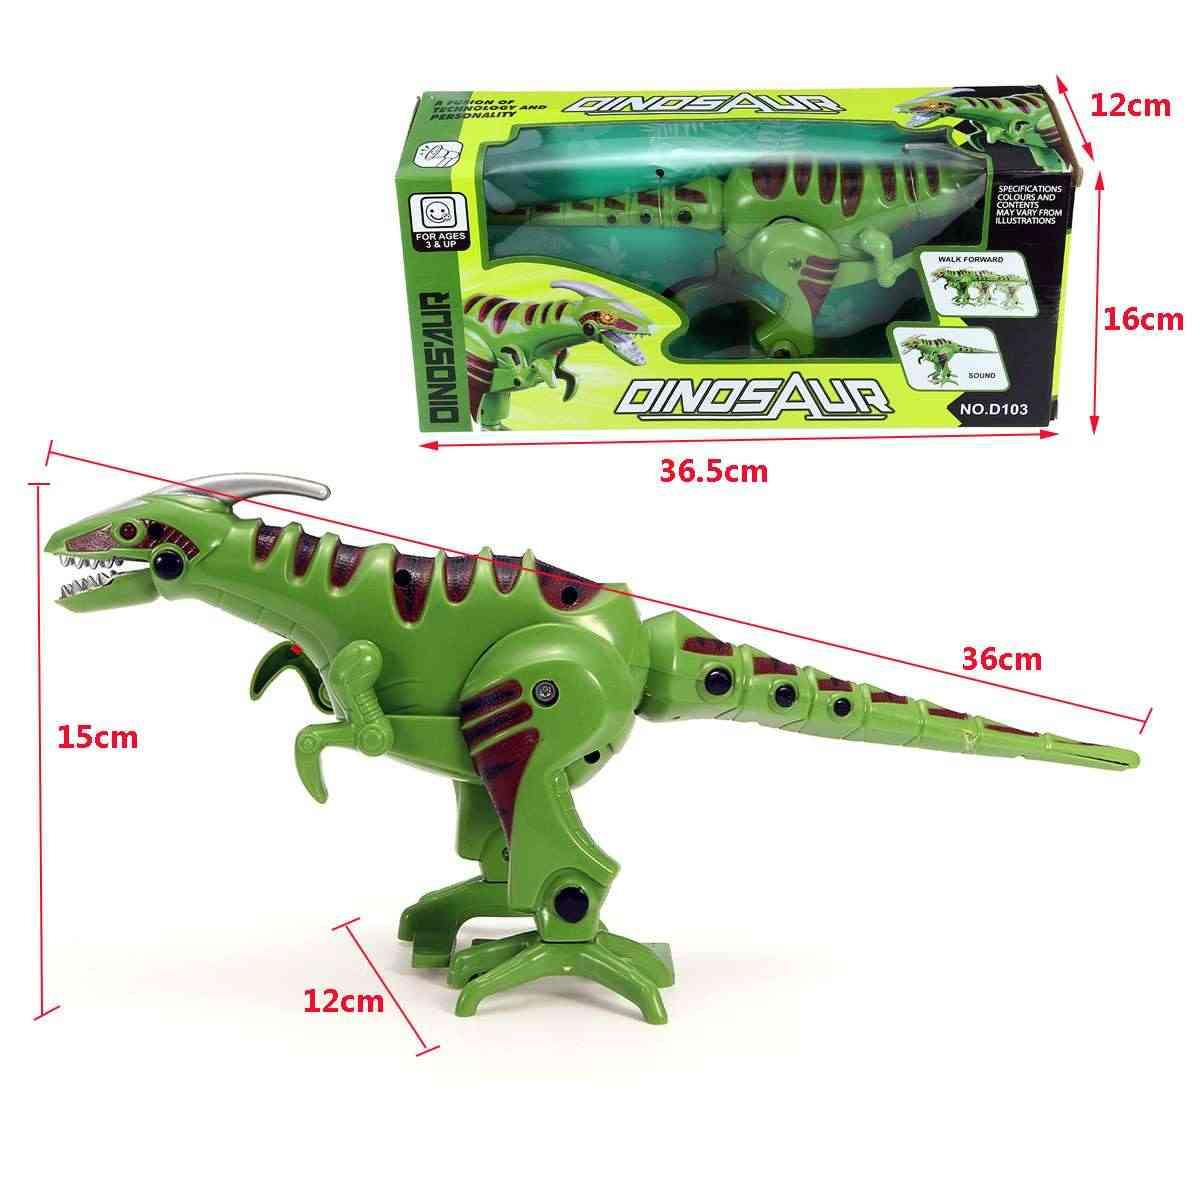 Динозавр робот интерактивный ToyElectric интеллектуальная ходьба со звуком и светом крутой Рождественский подарок звук/качающаяся голова и хвост